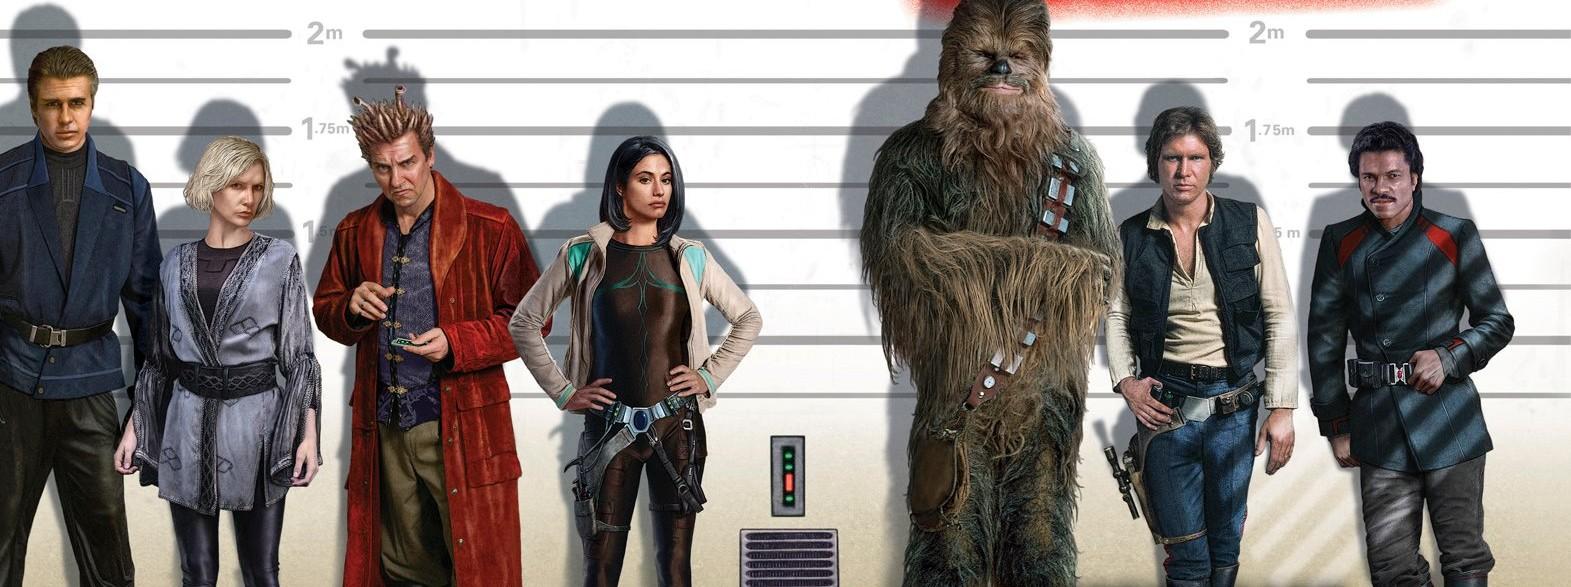 Scoundrels meter